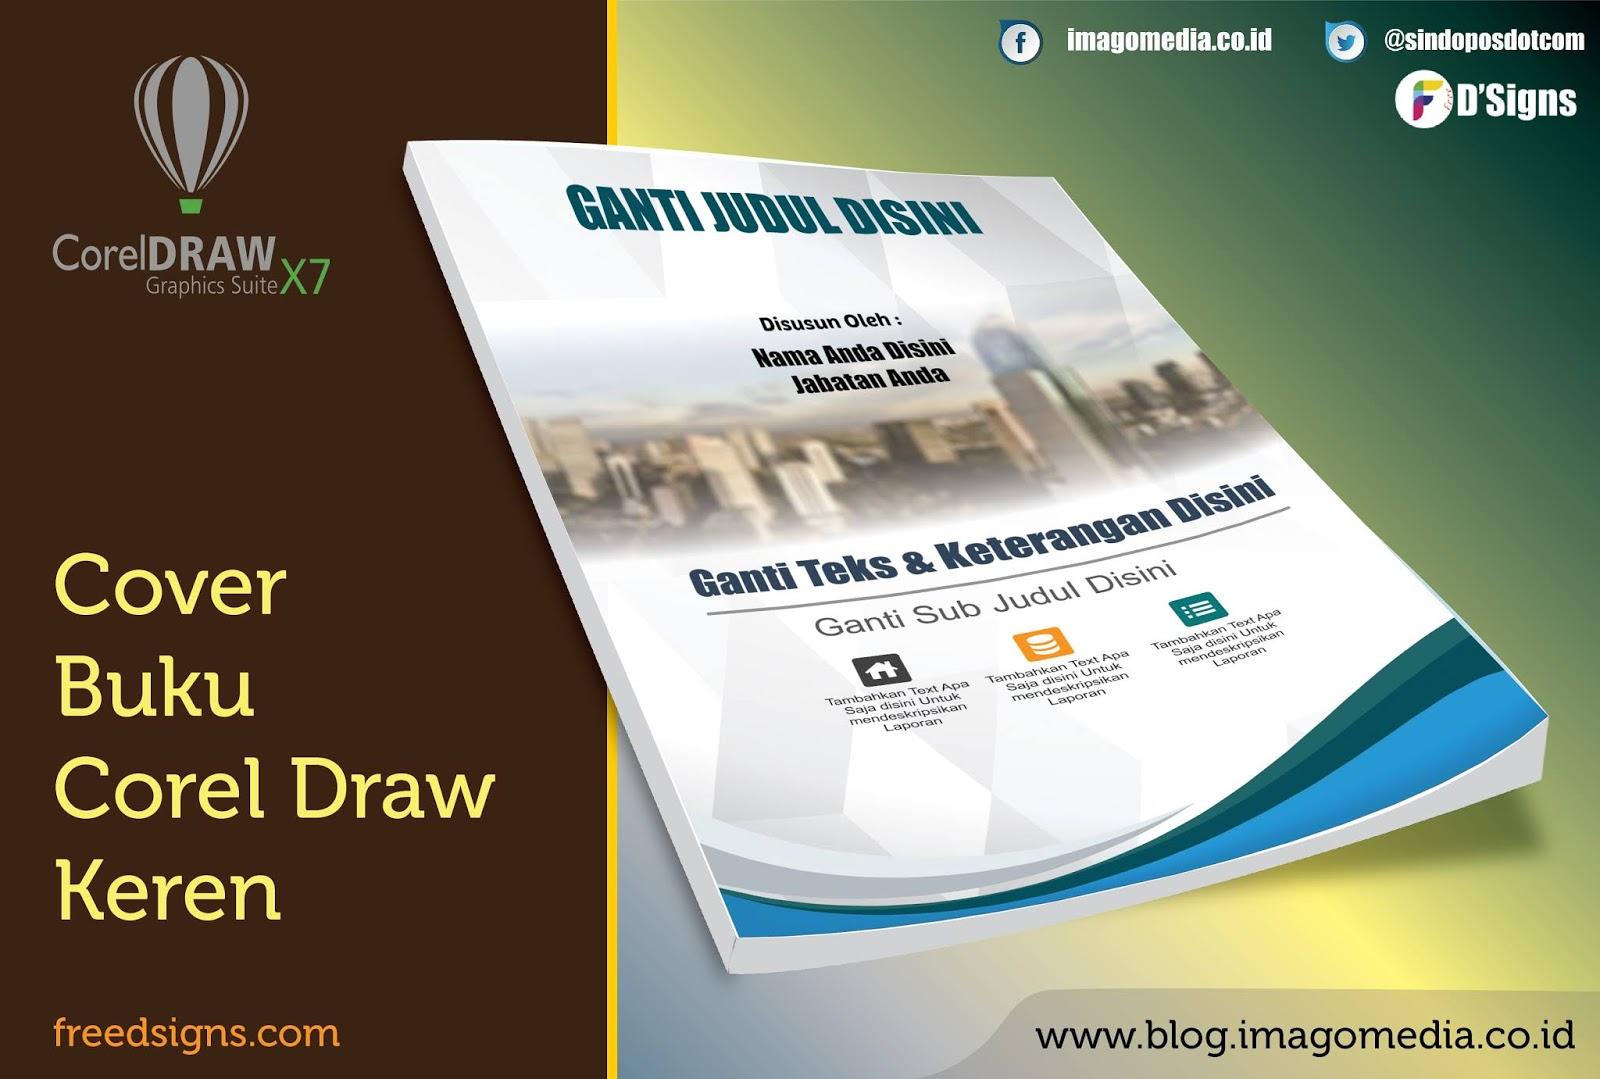 Download_Desain_Cover_Buku_Gratis_Corel_Draw_Artistik_Keren_Terbaru-01